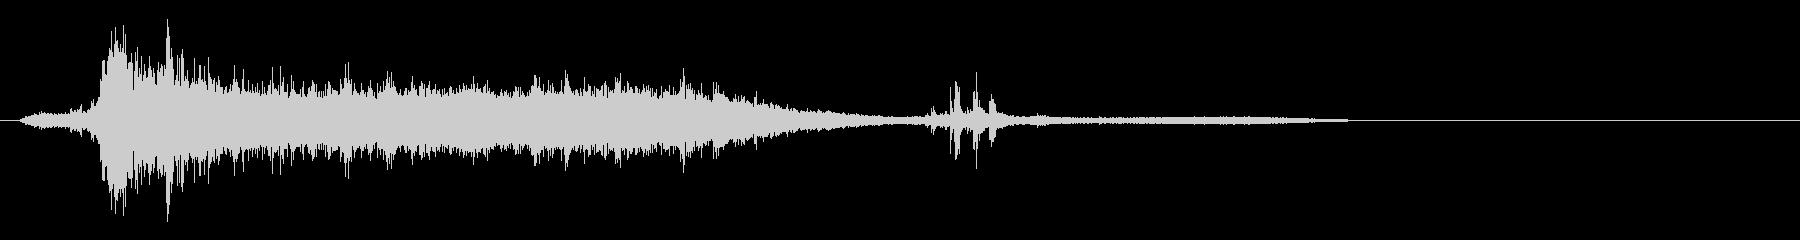 トイレフラッシュ1、モダンタイプ。の未再生の波形